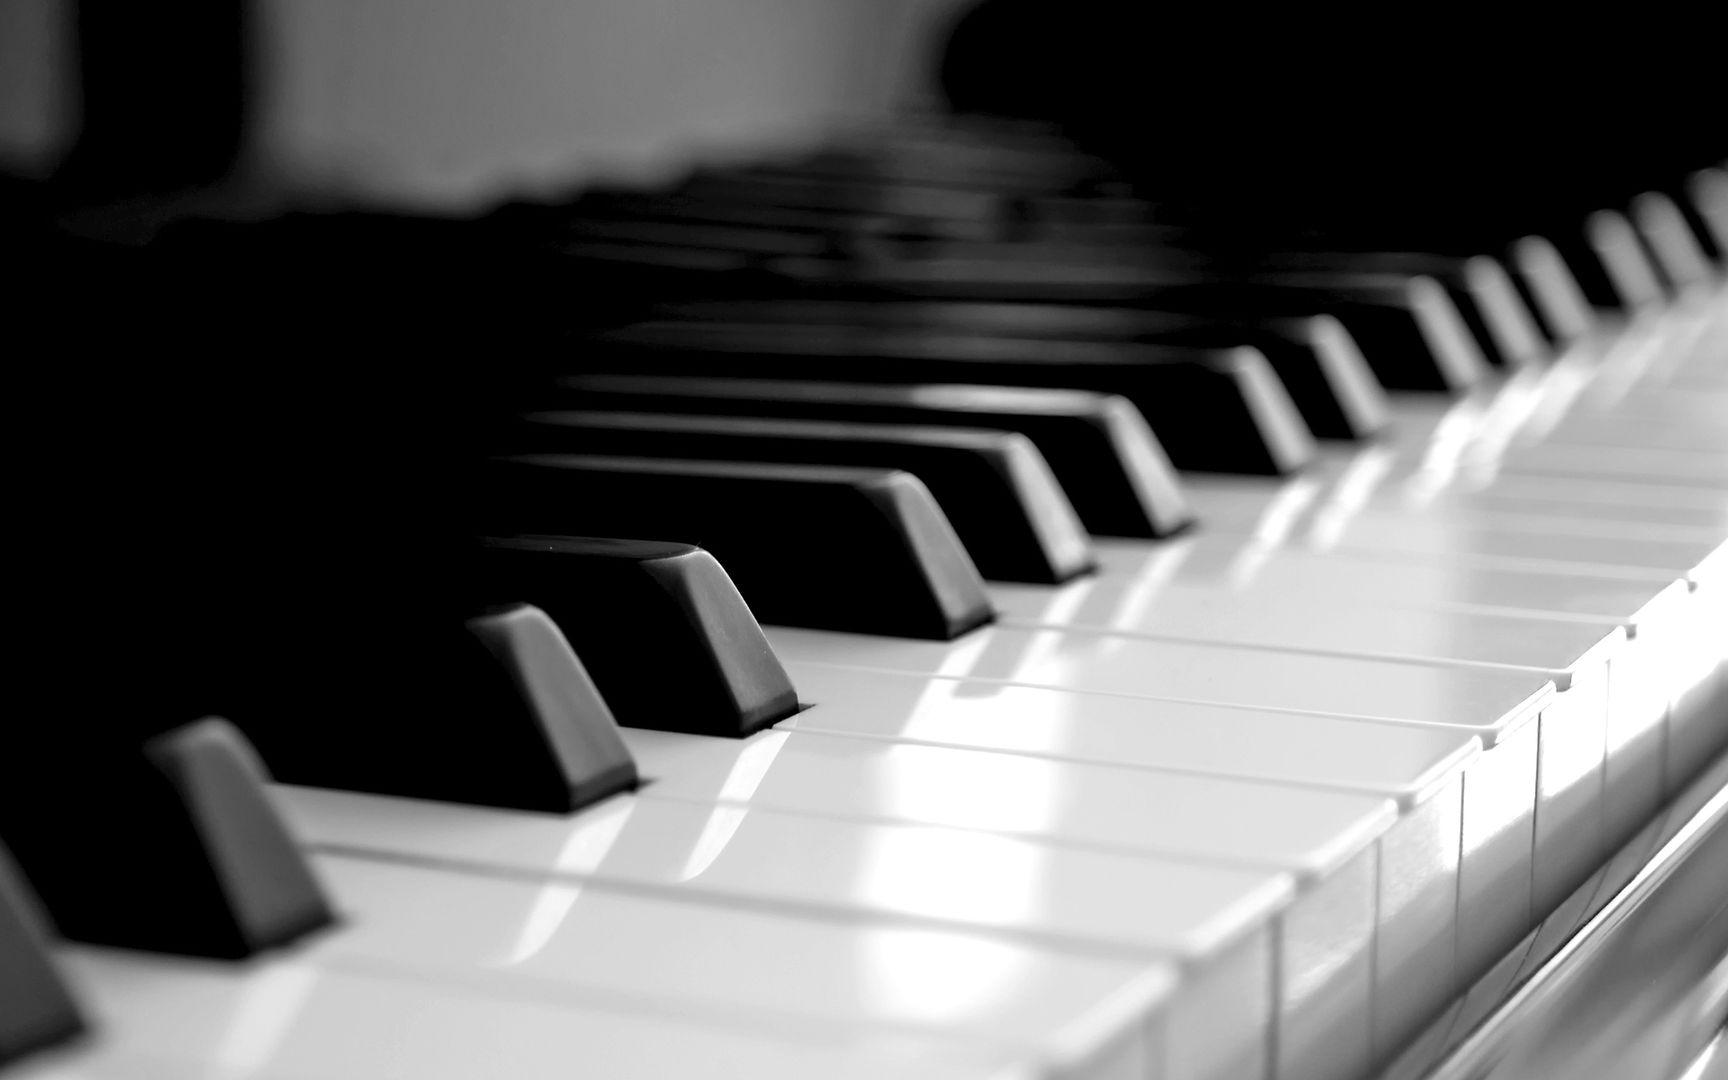 klaviwi